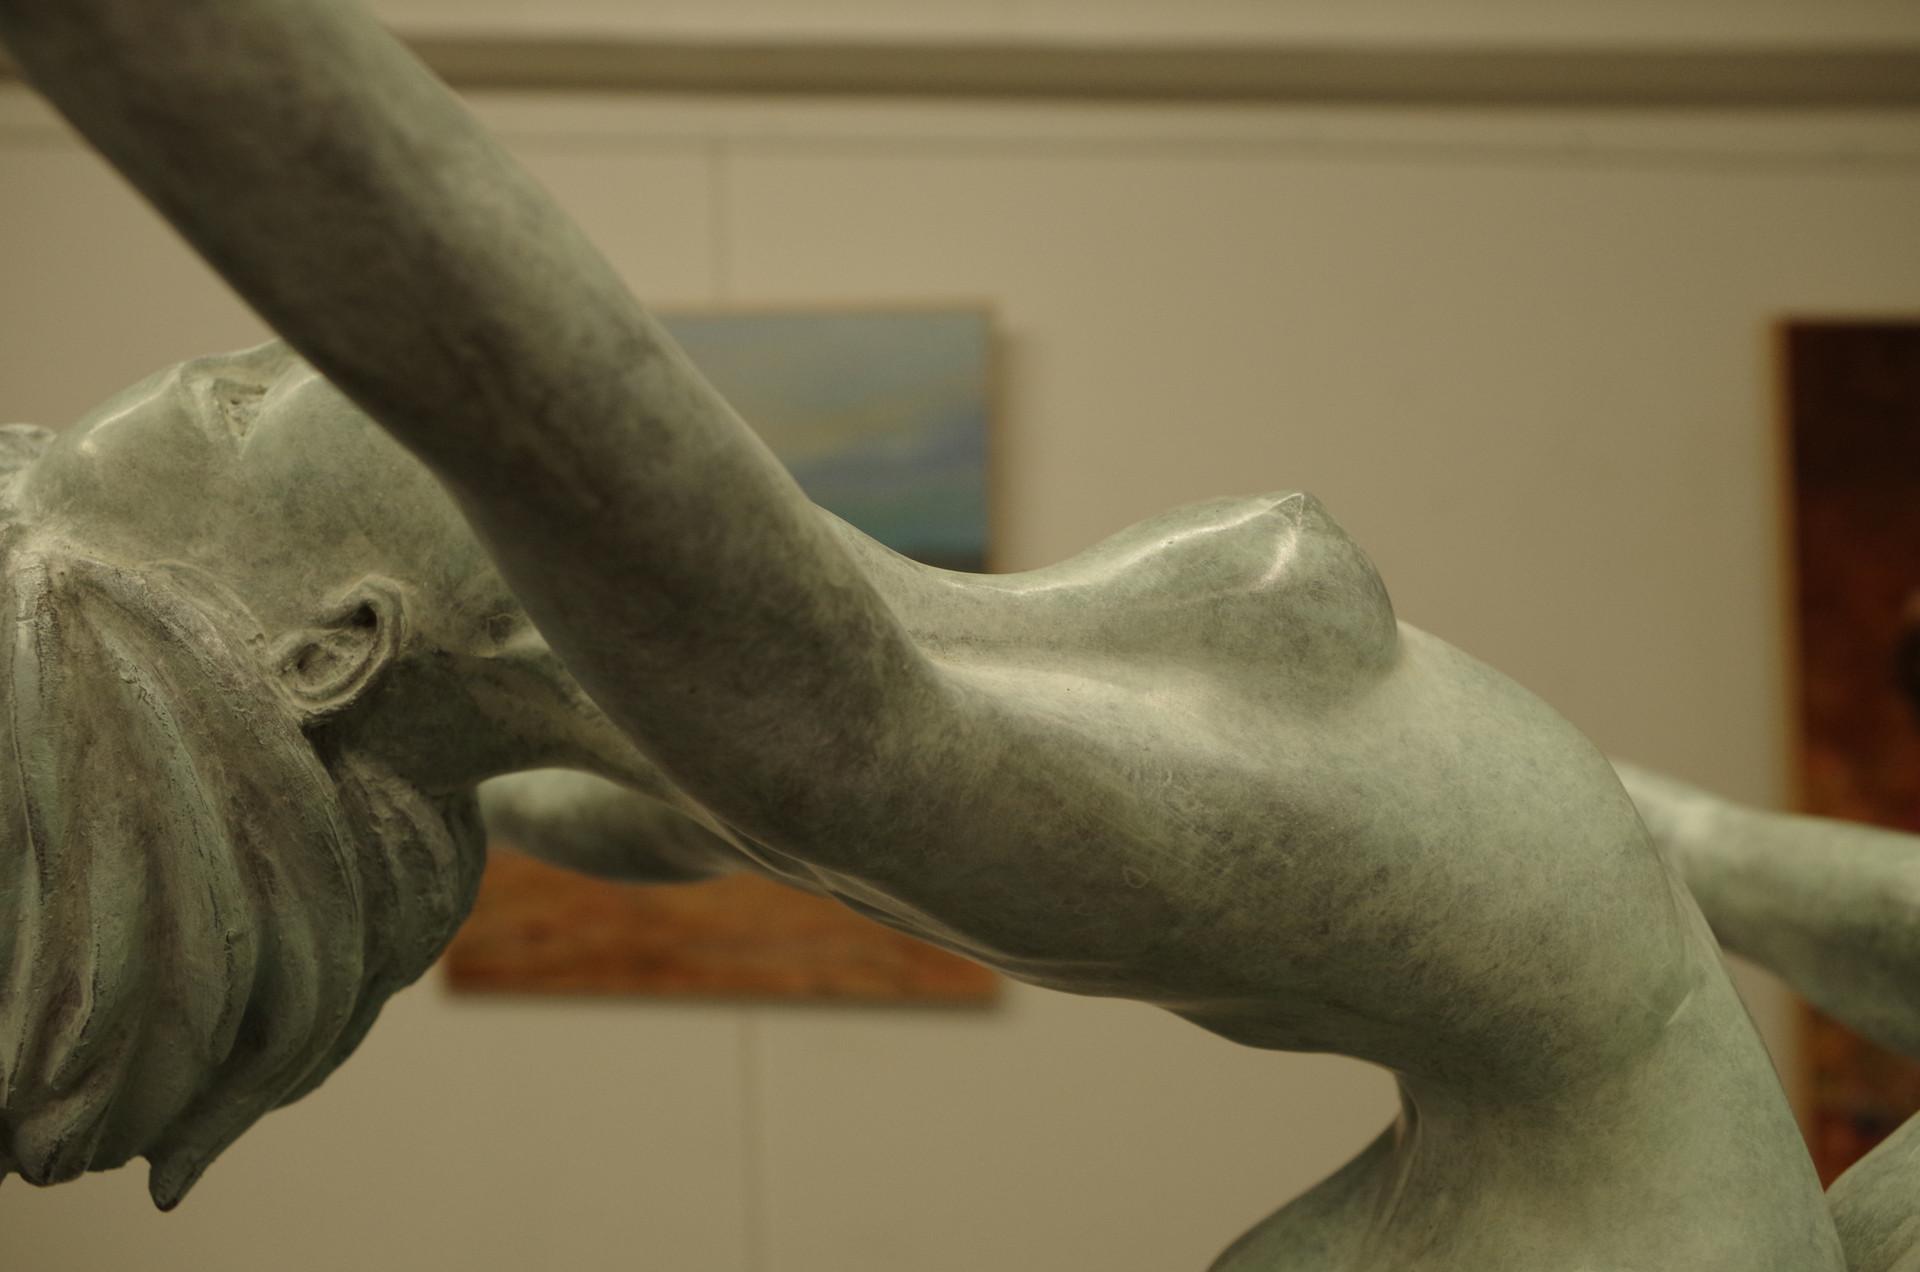 Dos et bras en sculpture